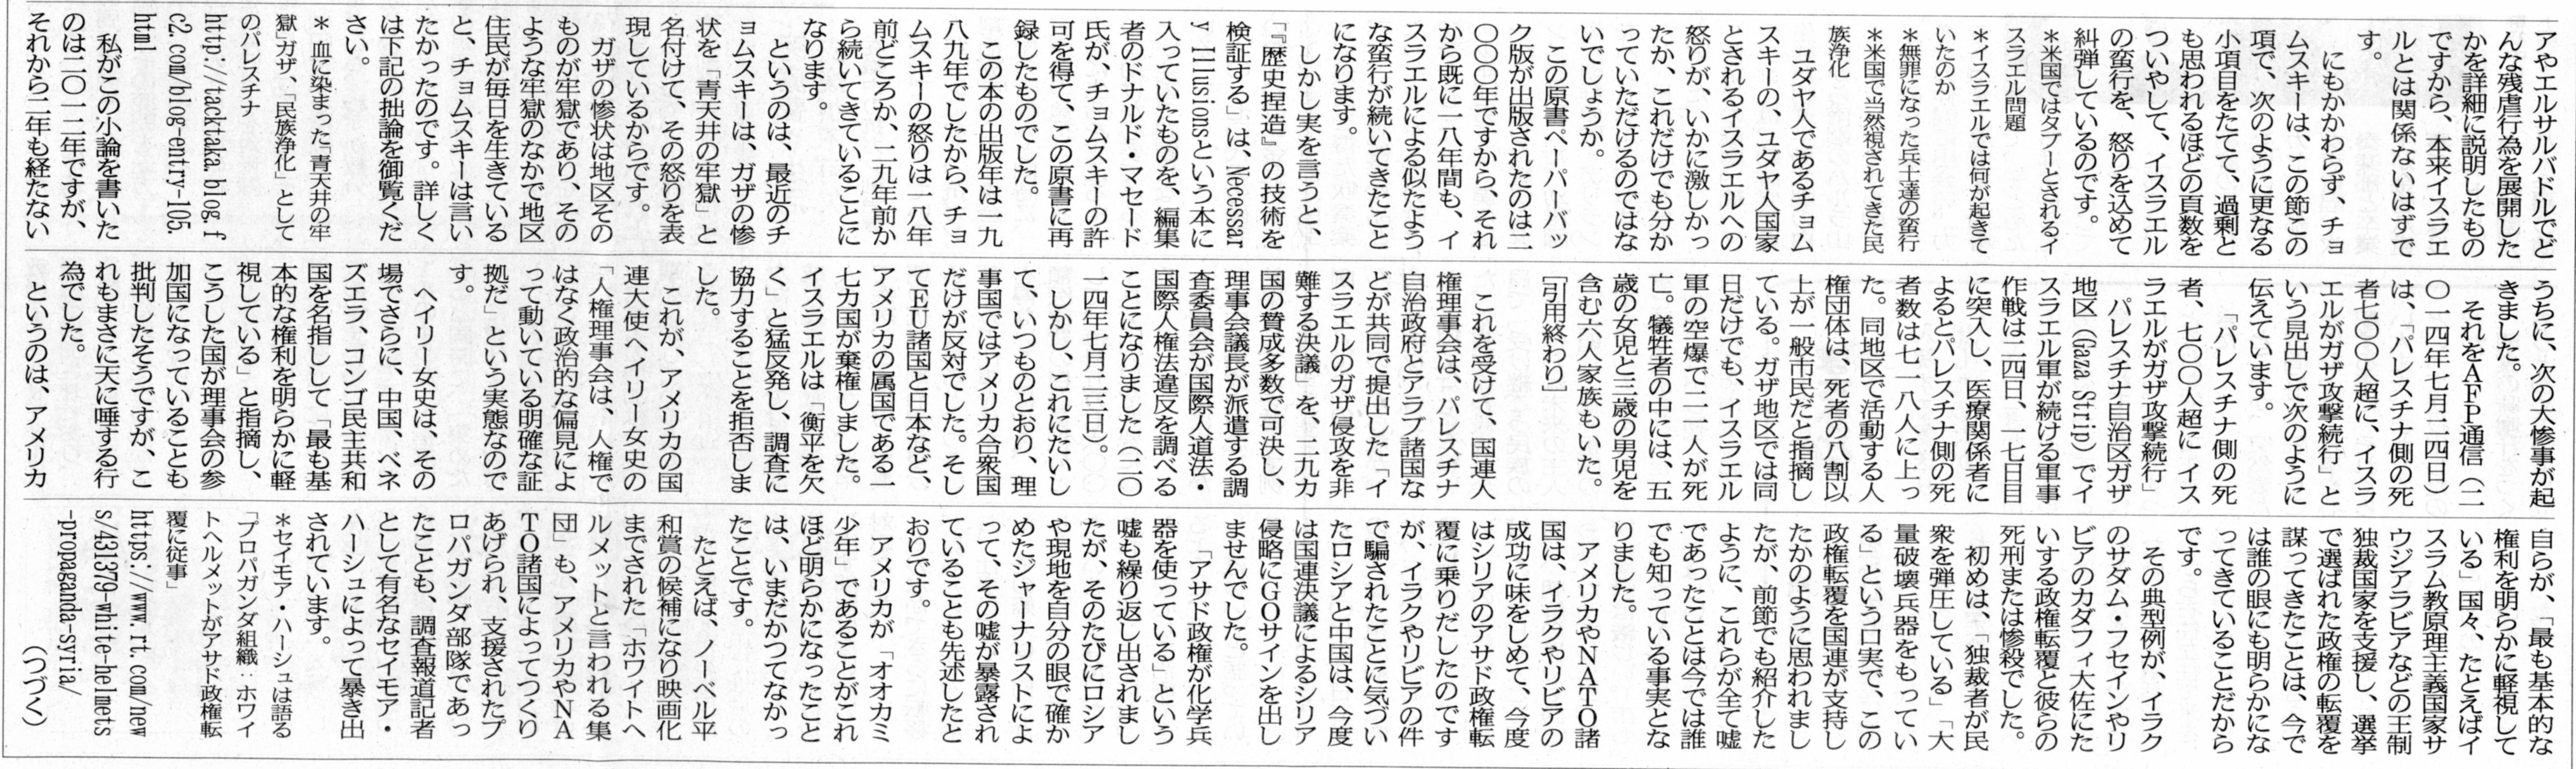 長州新聞20190210神に選ばれた国と神に選ばれた民に未来はあるか⑥222